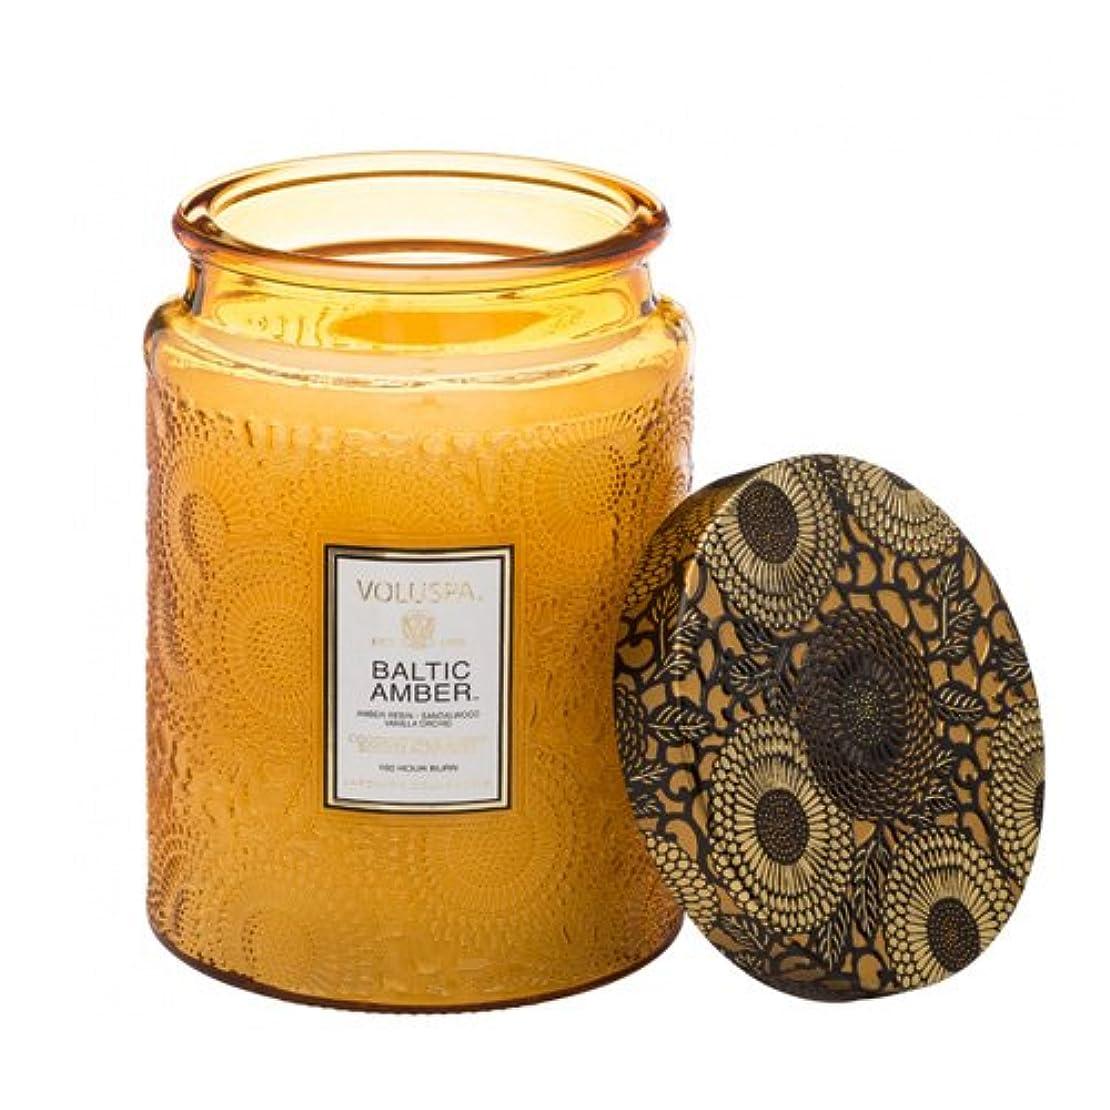 石膏つまずく腐食するVoluspa ボルスパ ジャポニカ リミテッド グラスジャーキャンドル  L バルティックアンバー BALTIC AMBER JAPONICA Limited LARGE EMBOSSED Glass jar candle